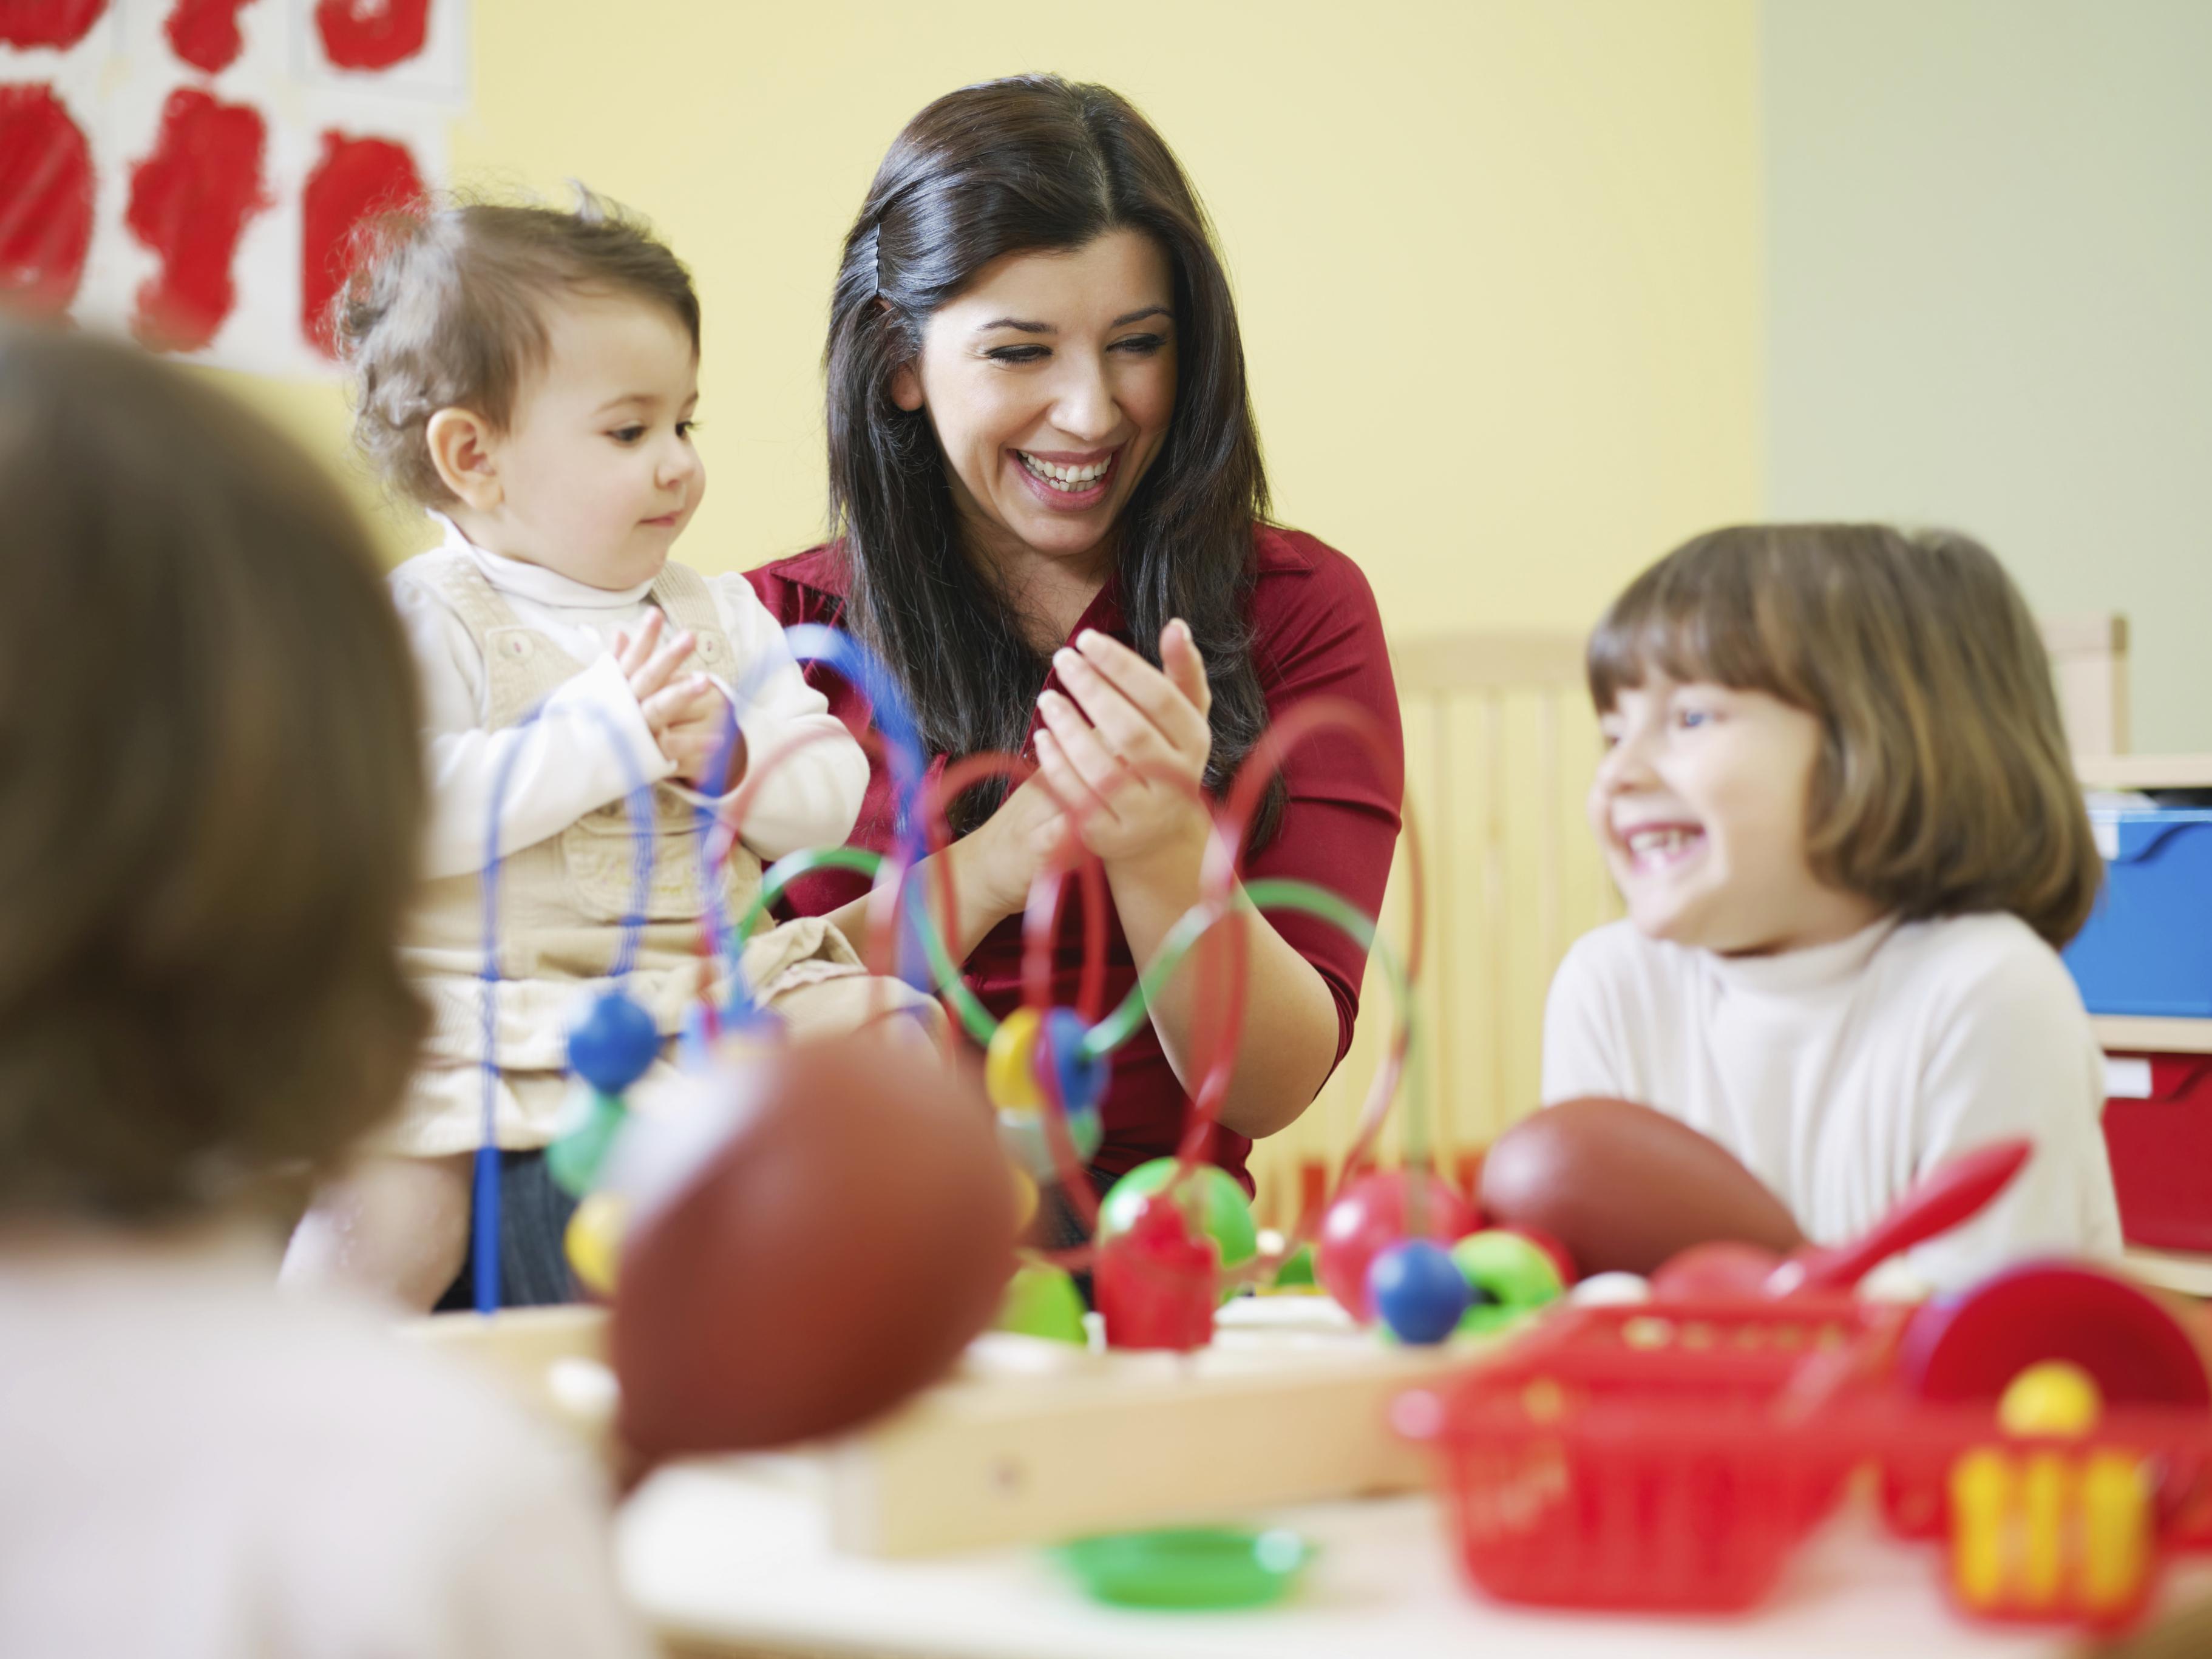 NIH Child Care Centers - photo#42